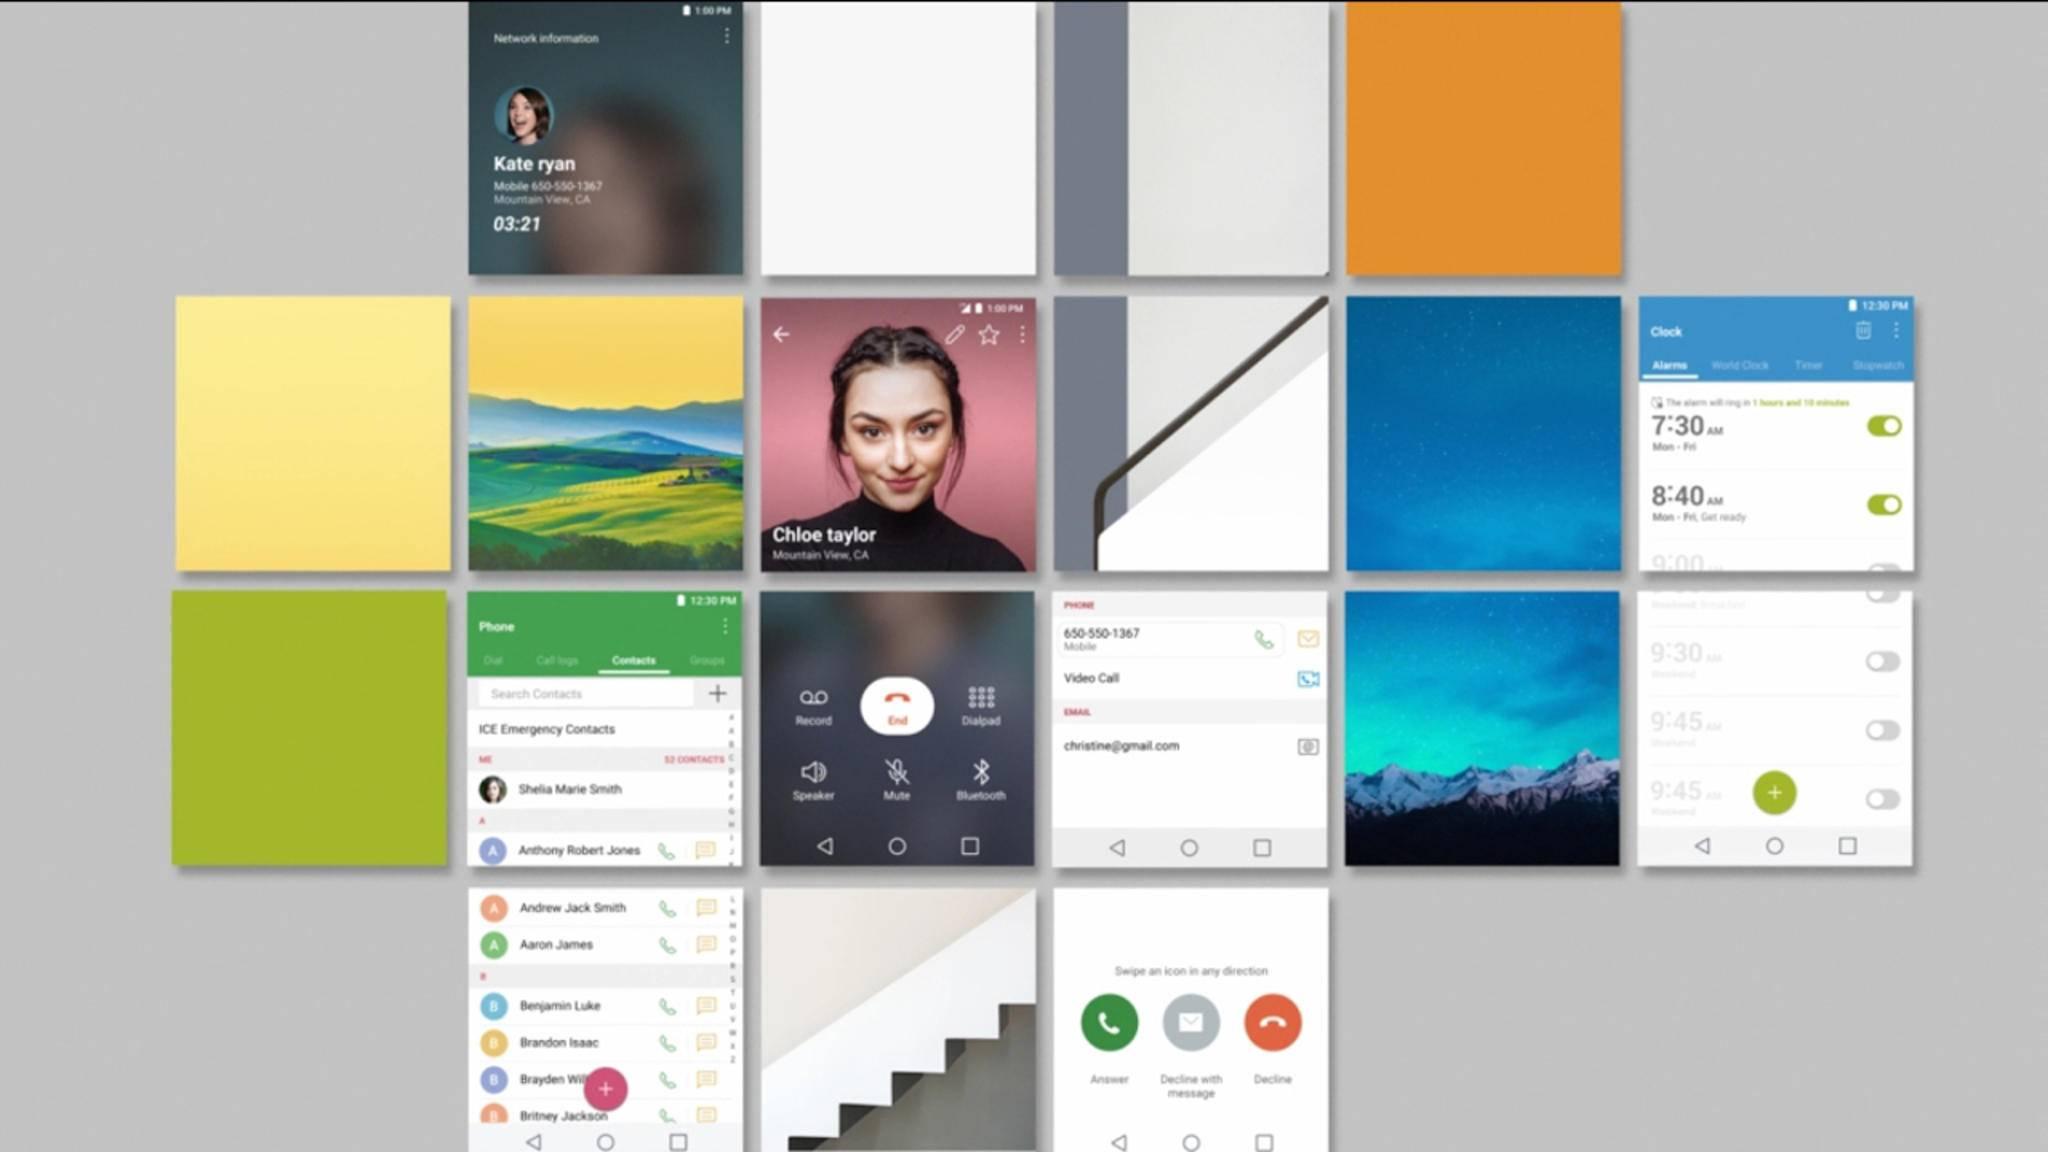 So sieht also das User Interface des neuen LG G6 aus.